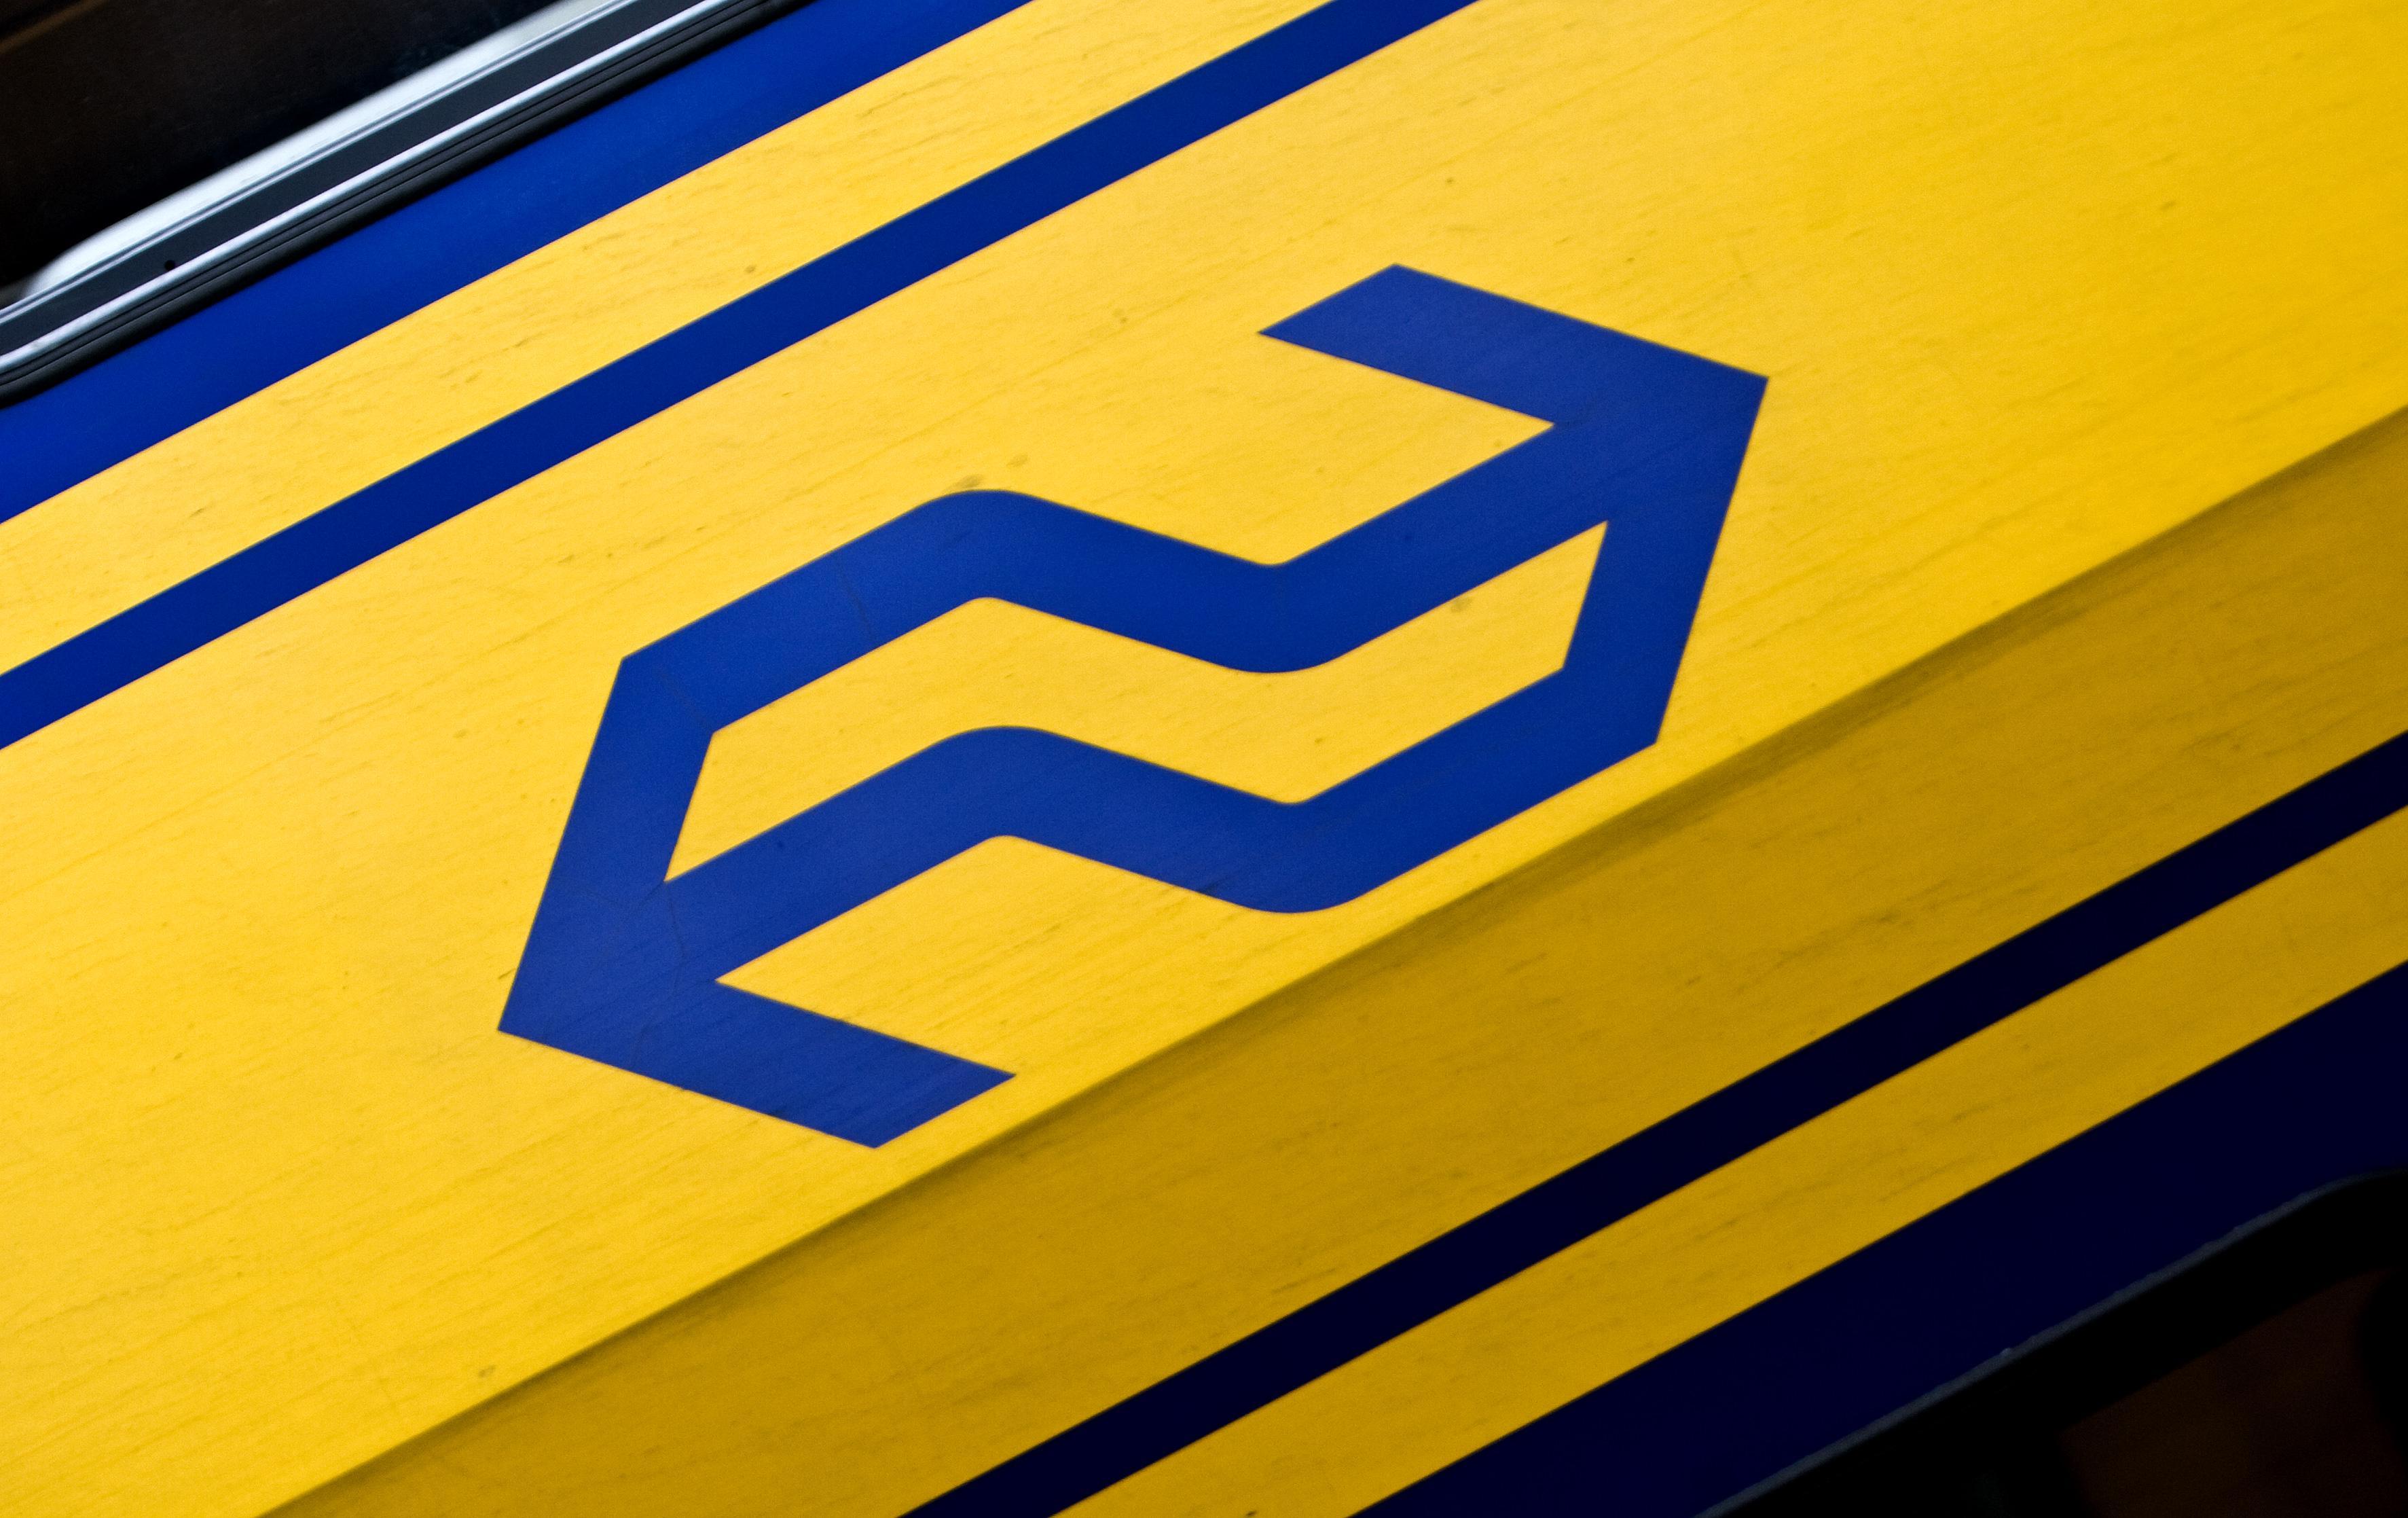 Verhelpen seinstoring loopt uit, maar treinen tussen Haarlem en Santpoort-Noord rijden weer